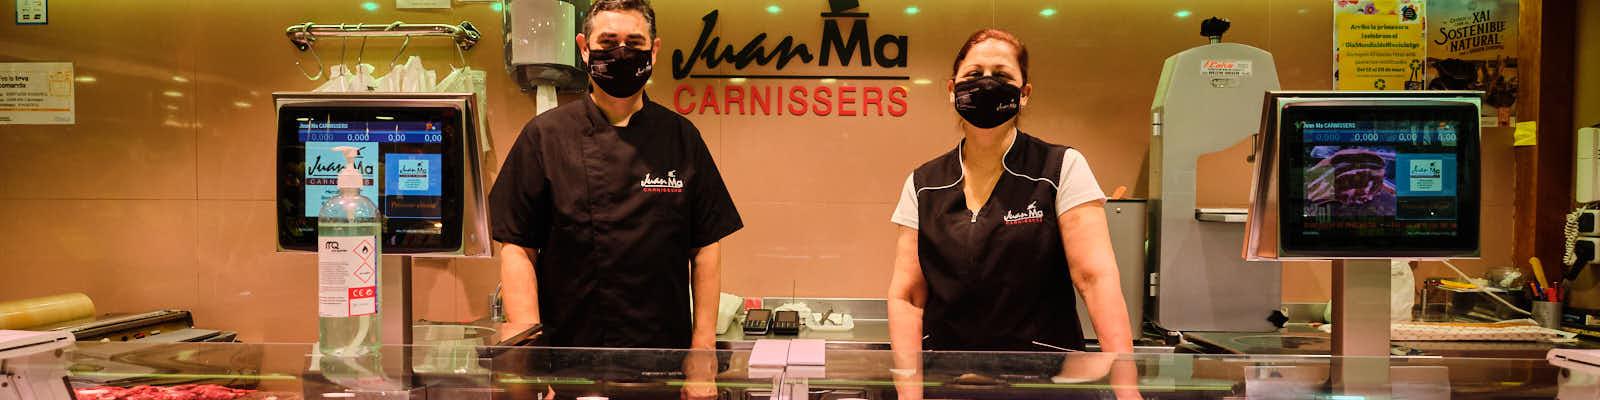 JUAN MA CARNISSERS